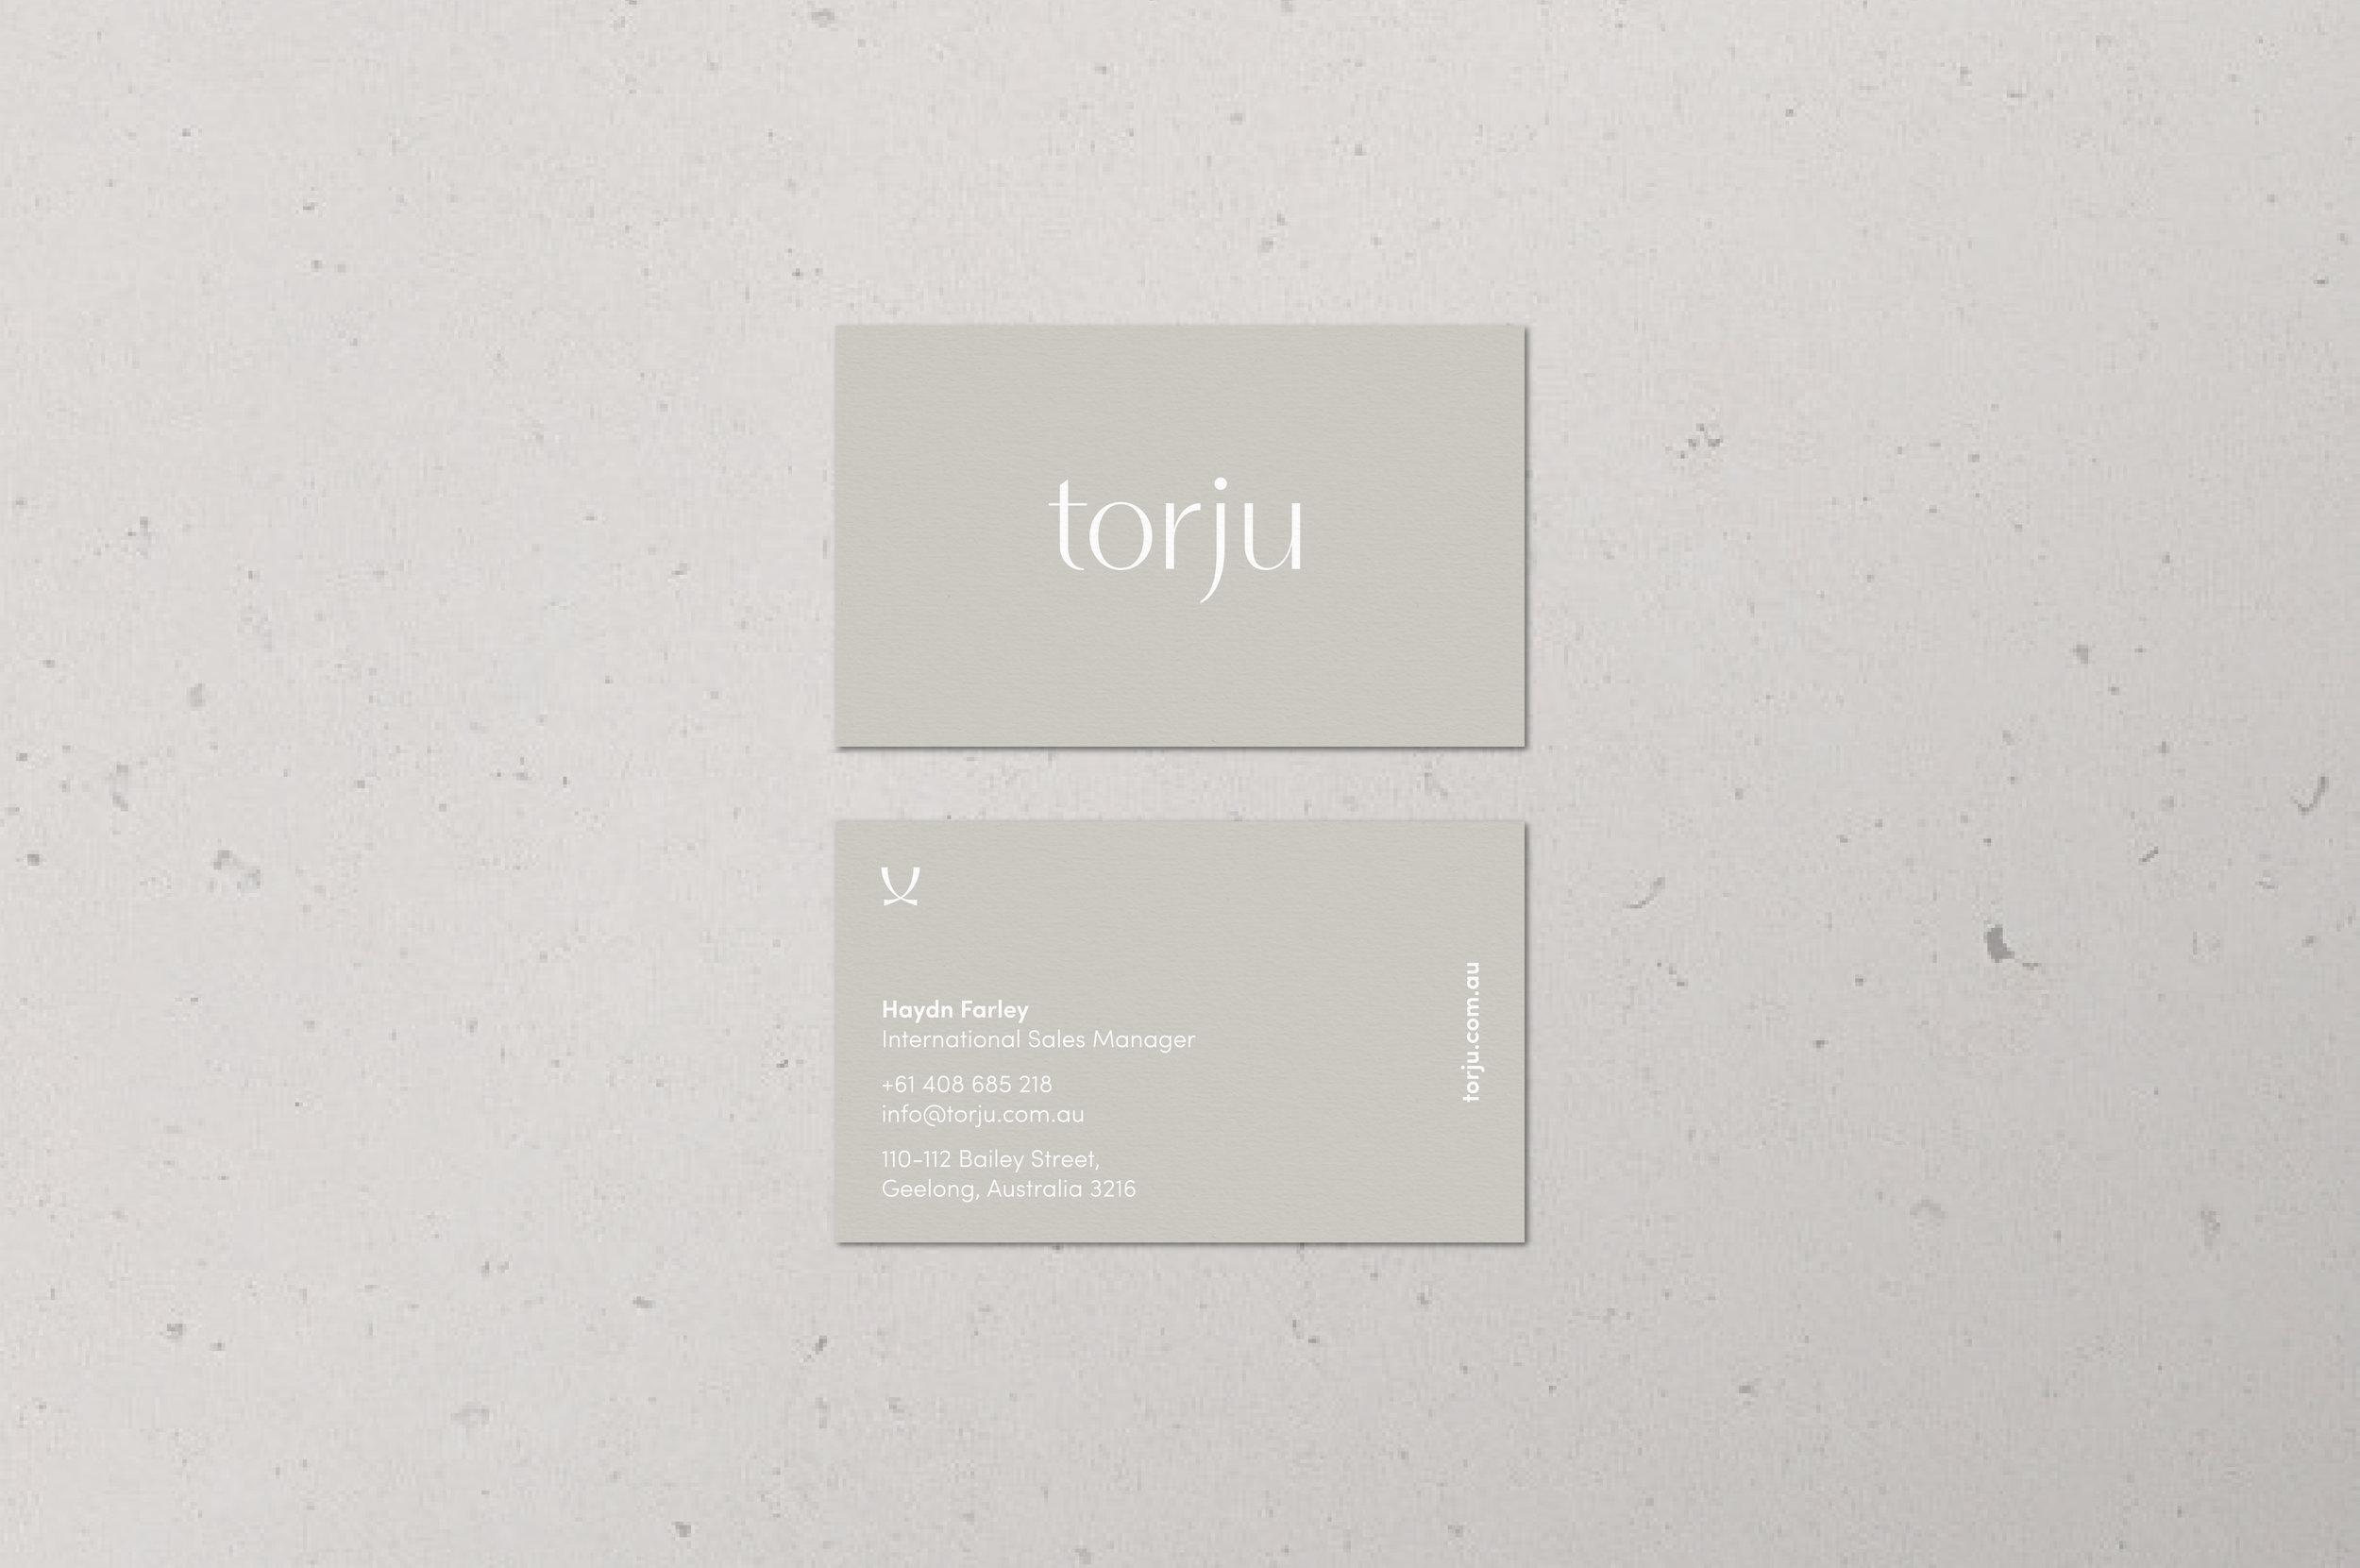 Torju_Web-01.jpg